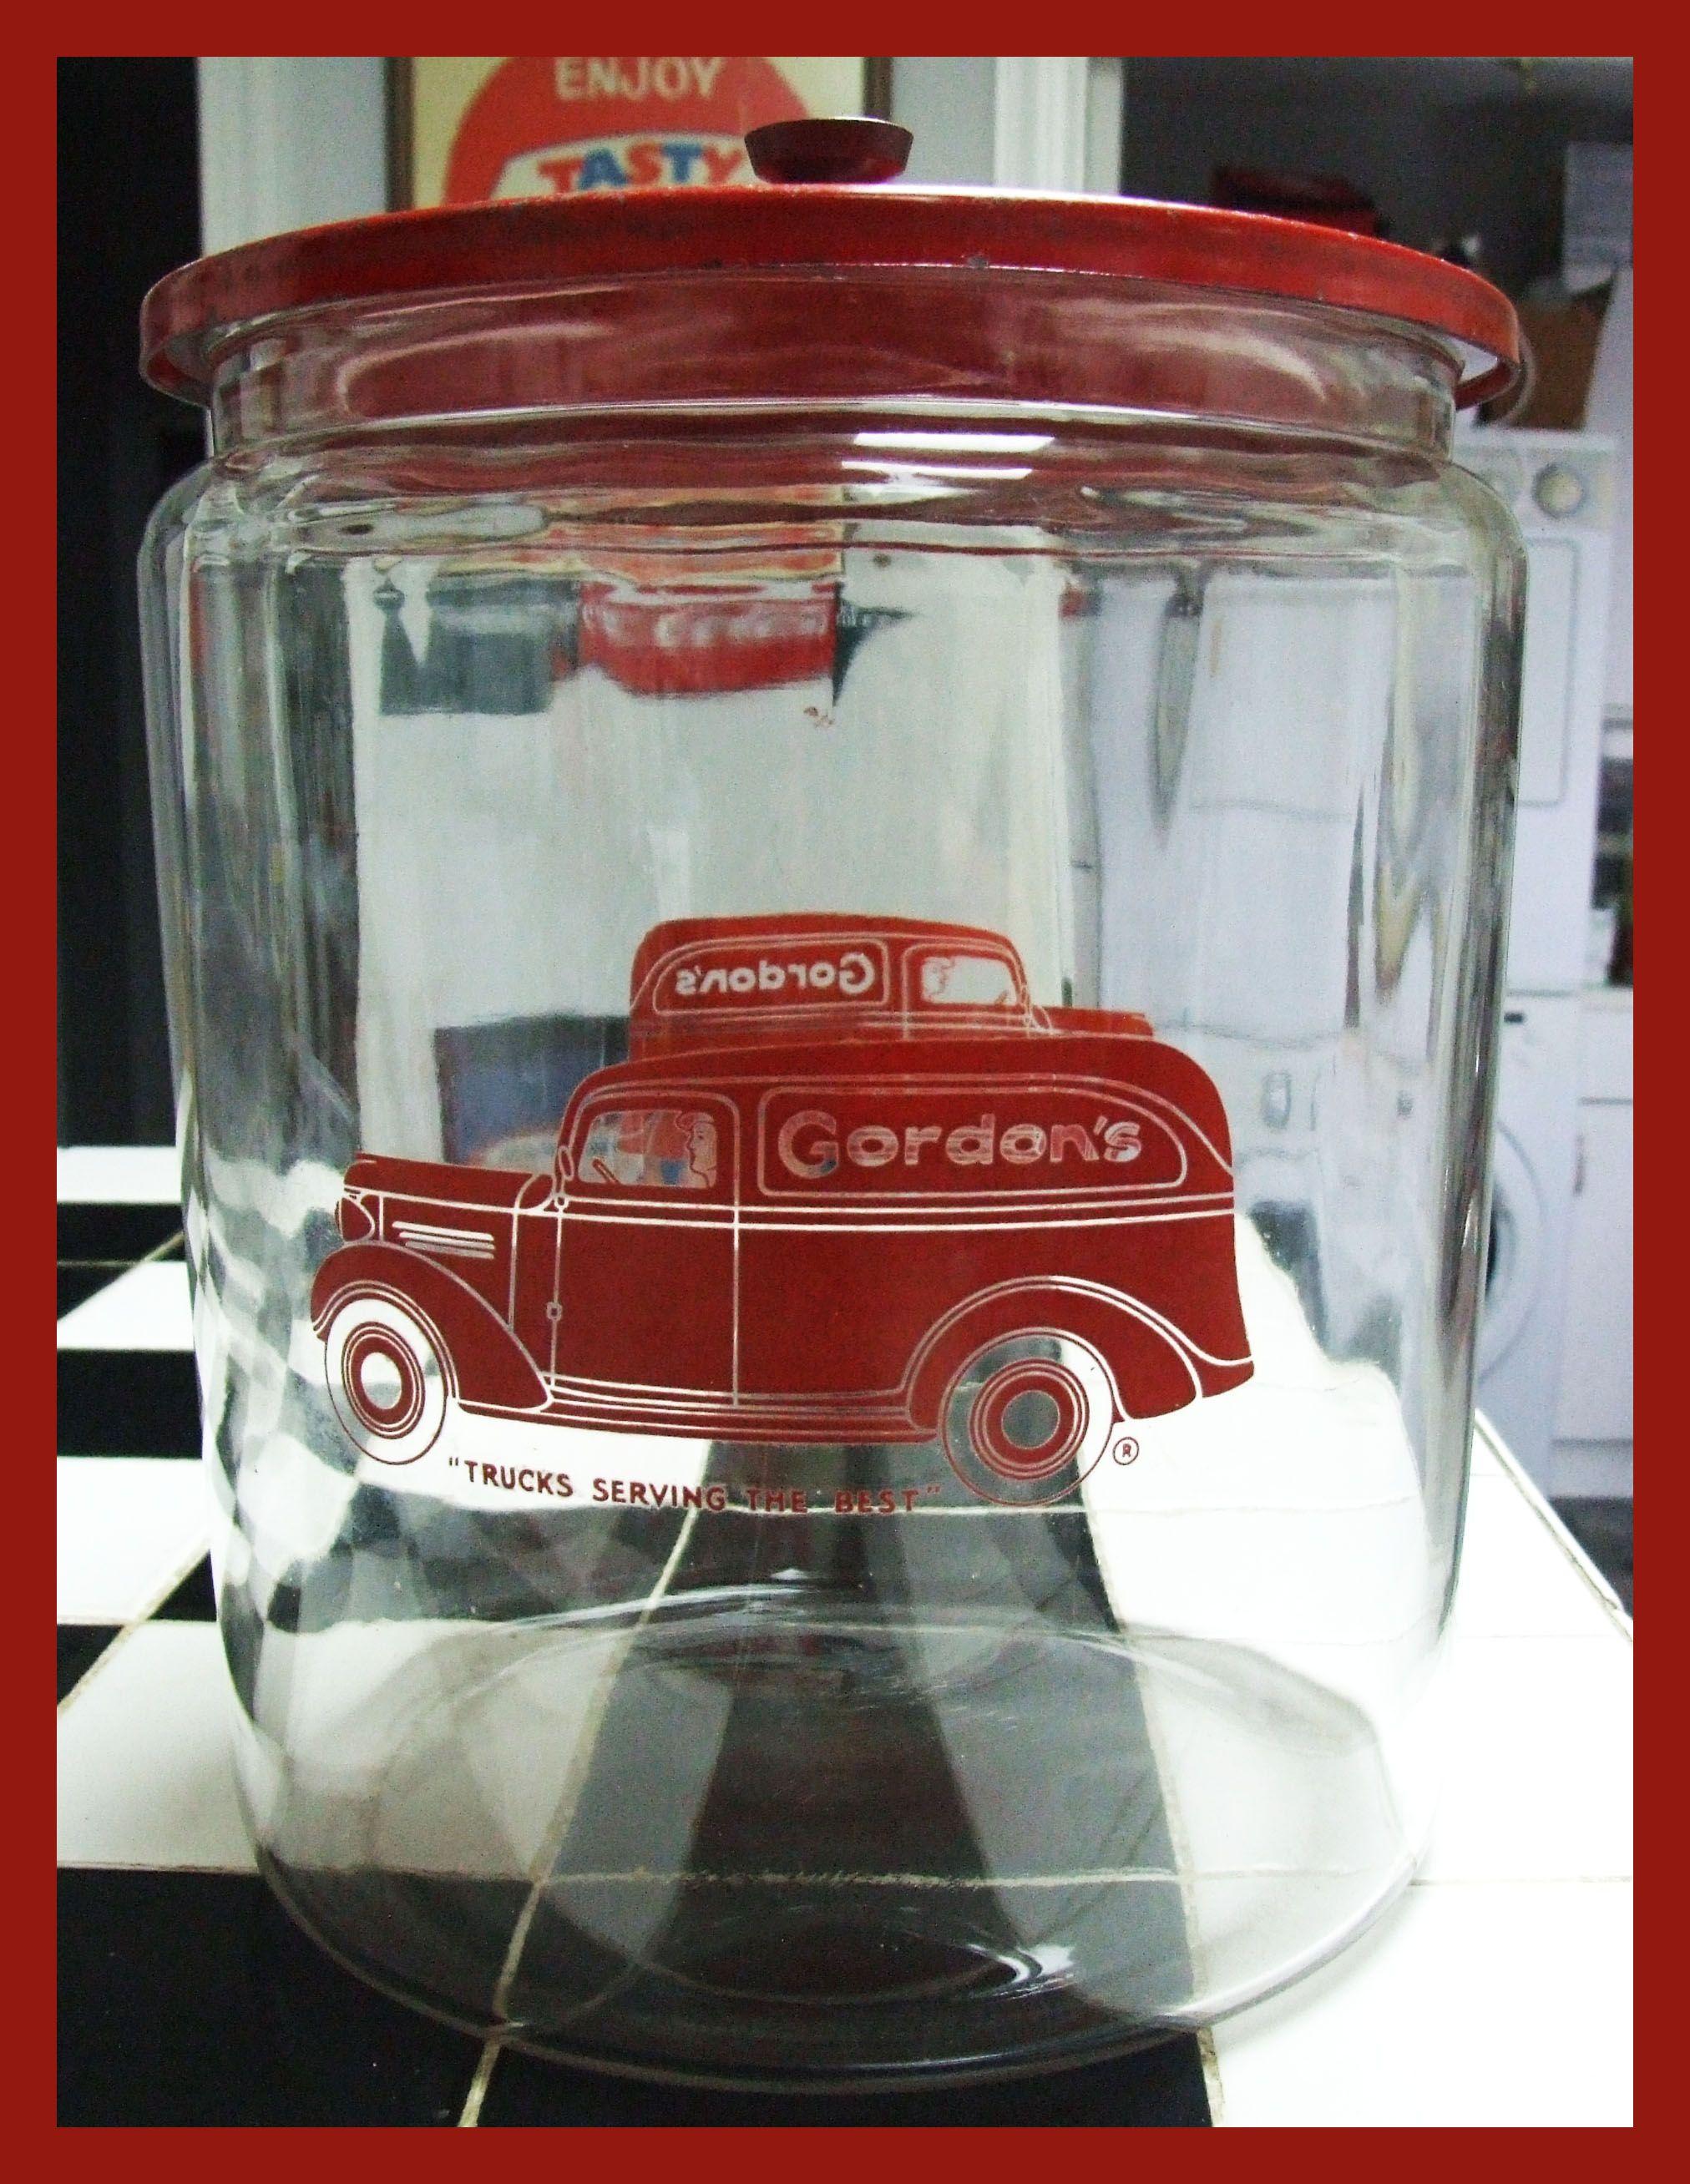 Large Gordons jar Vintage jars, Jar, Vending machine